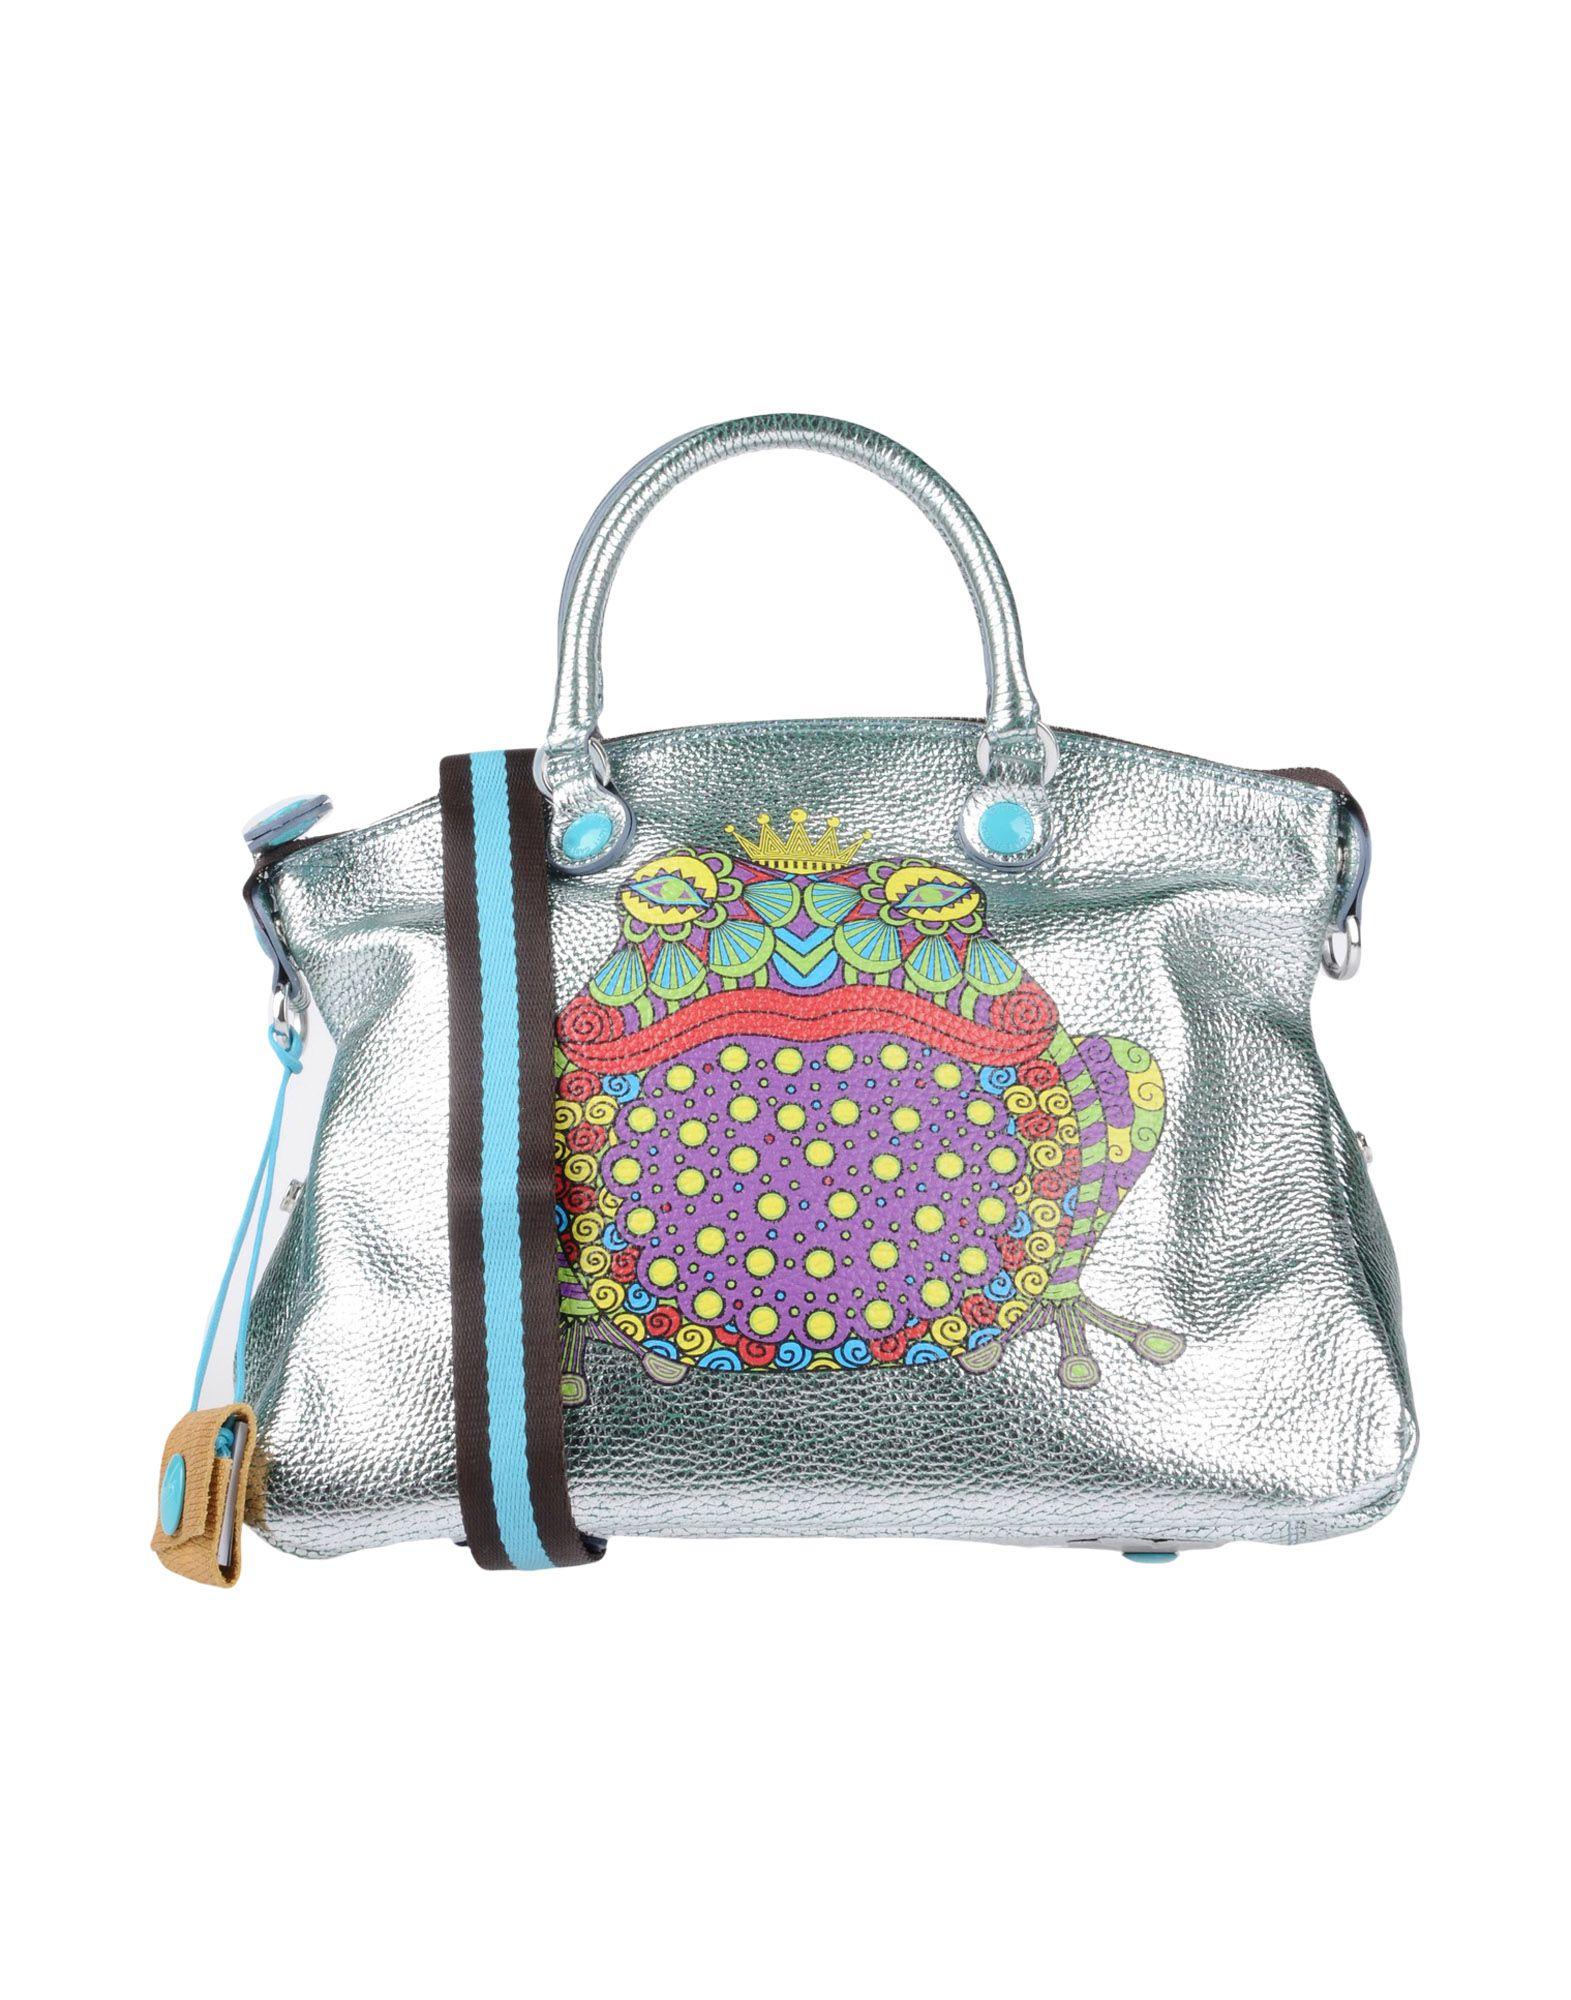 cb9bbb29249e Gabs Handbags In Silver